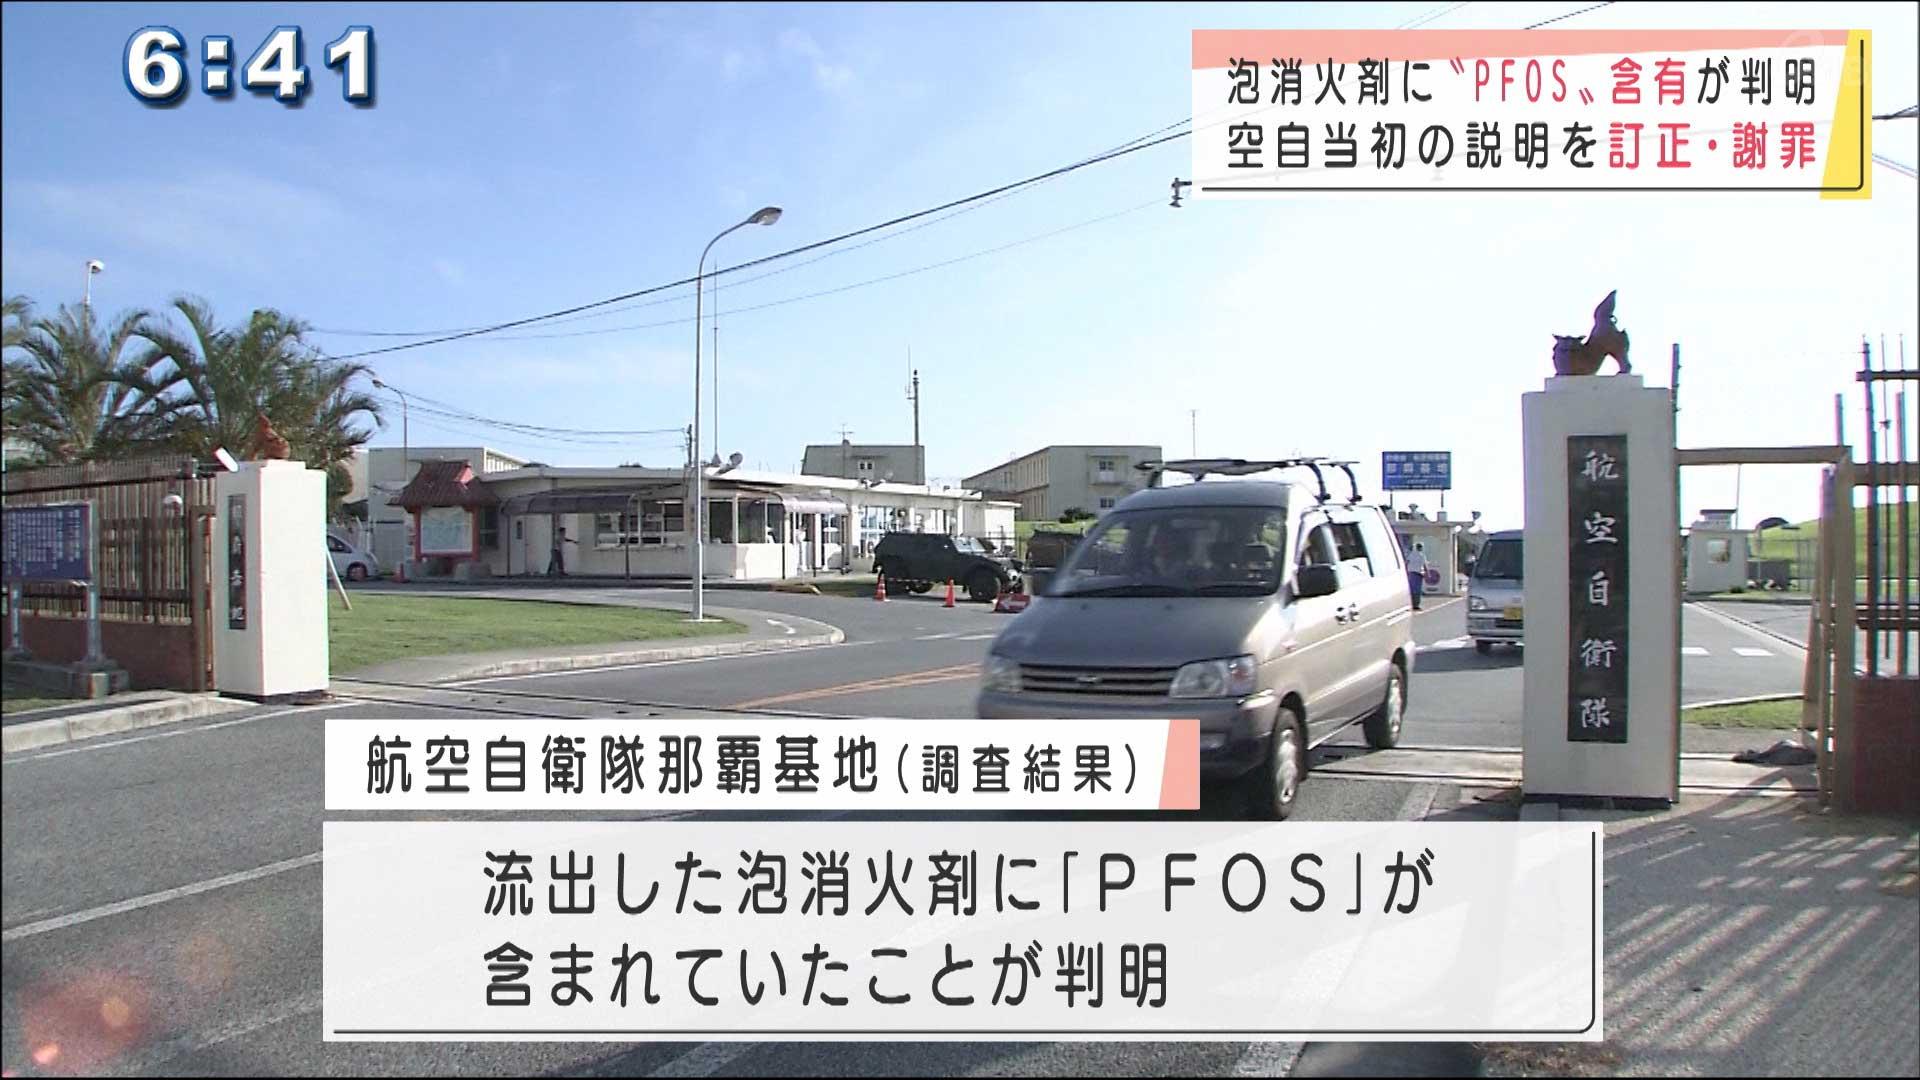 空自那覇基地の泡消火剤流出事故 PFOS含有認める